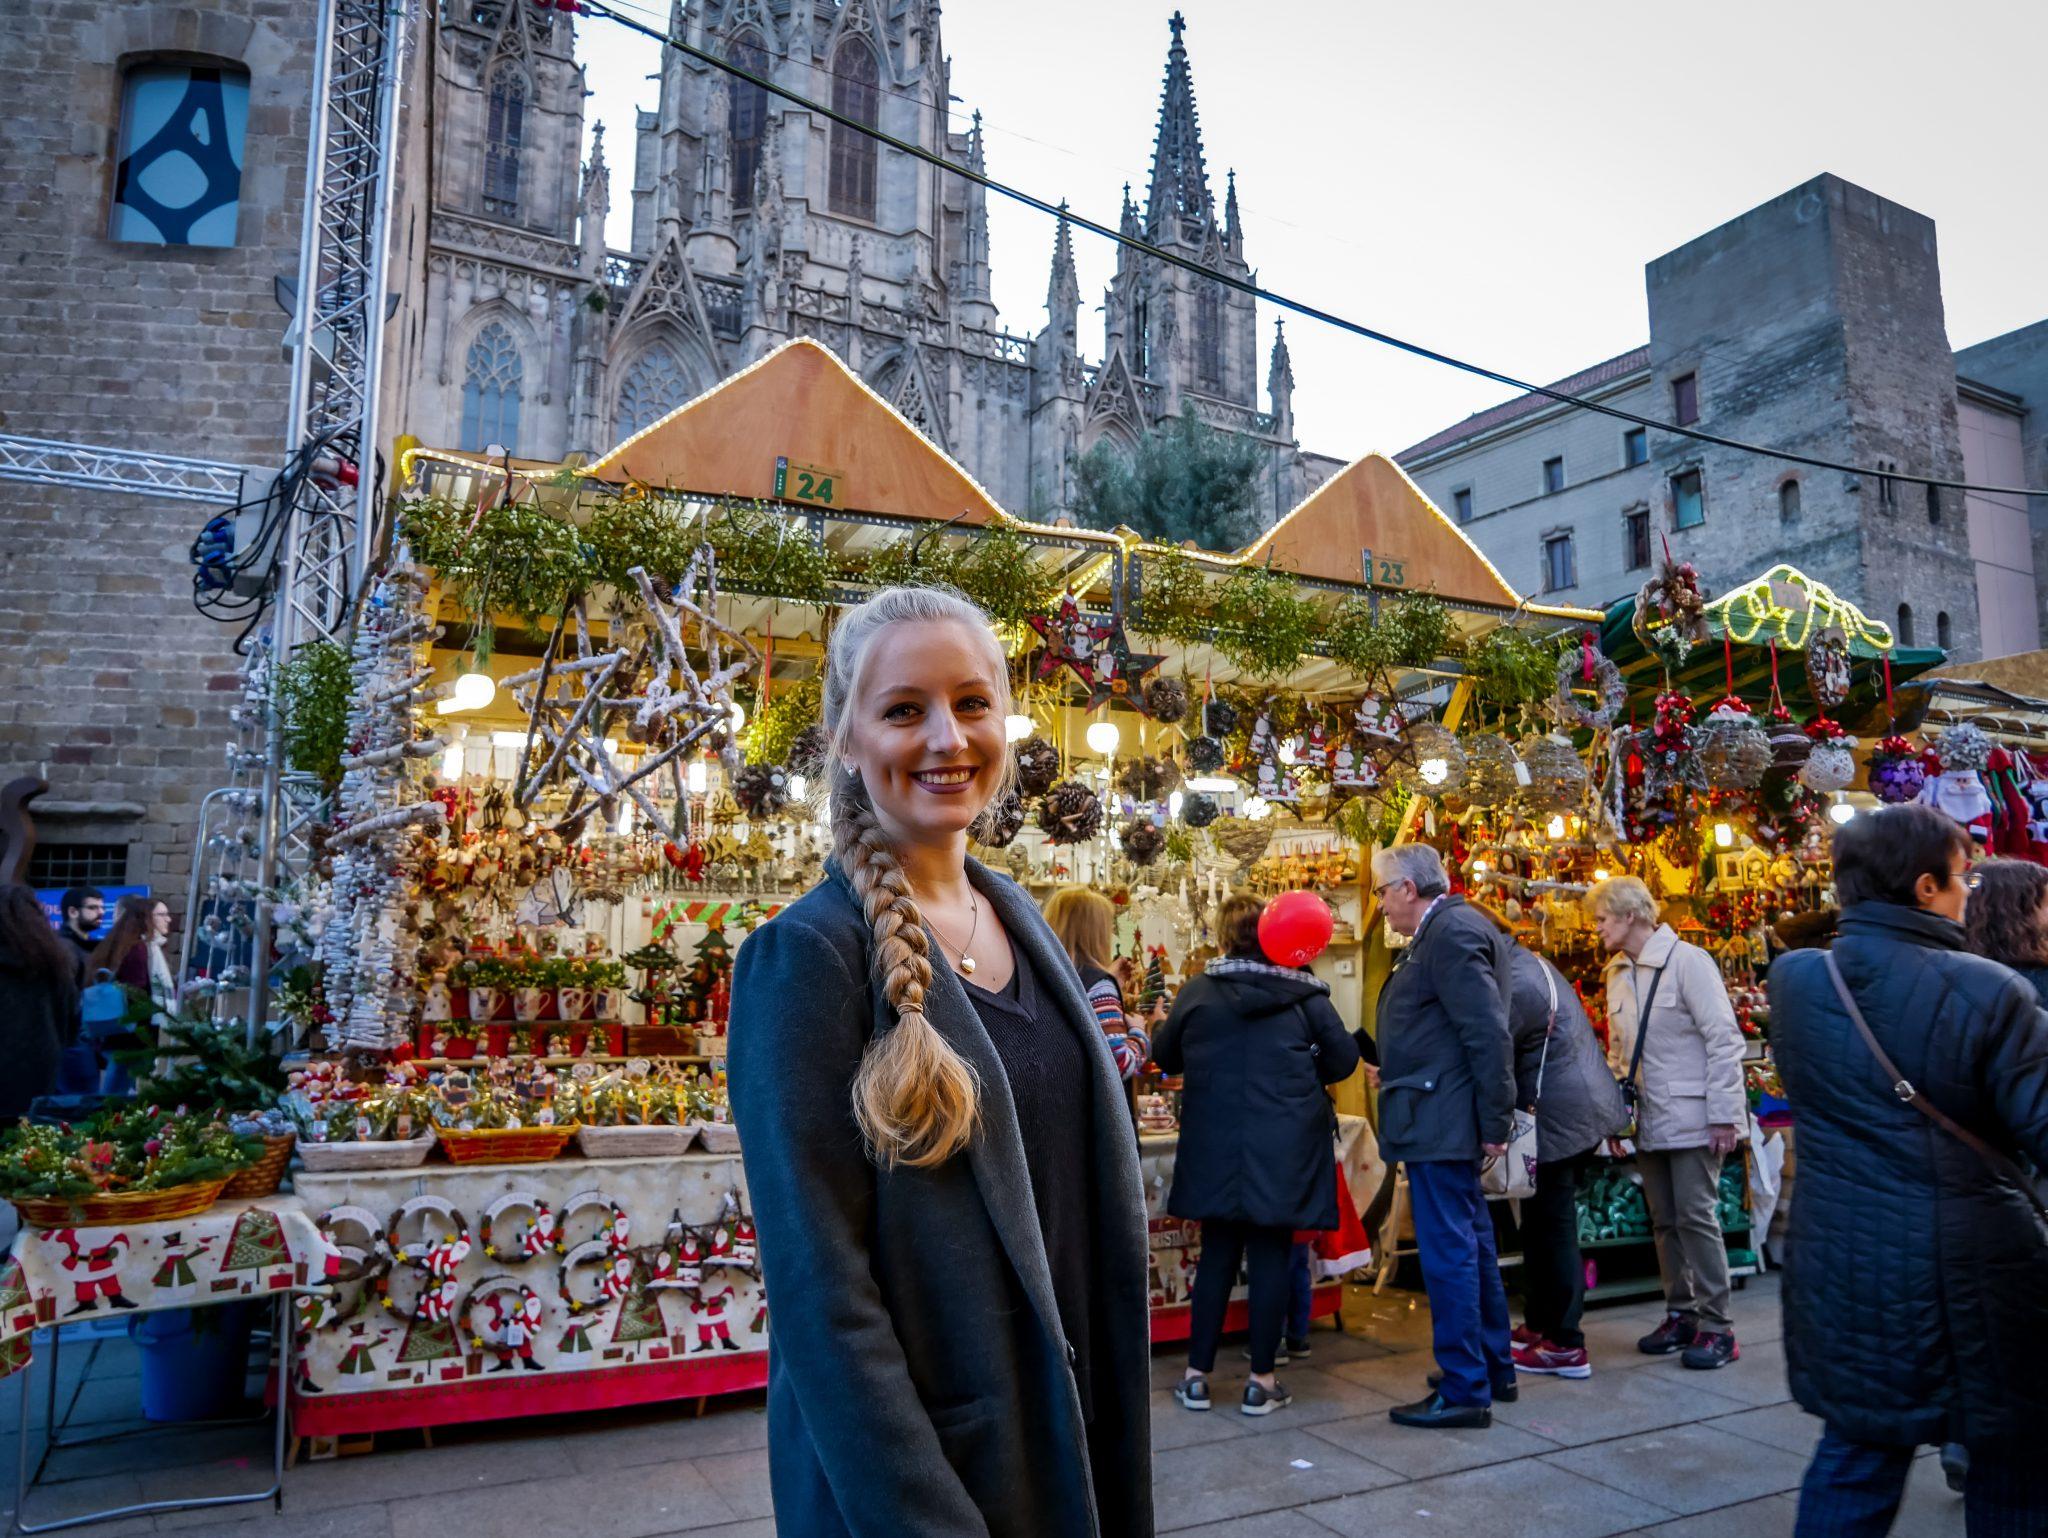 Den Weihnachtsmarkt vor der Kathedrale in Barcelona darf man nicht verpassen, wenn man zur Weihnachtszeit in Barcelona ist.